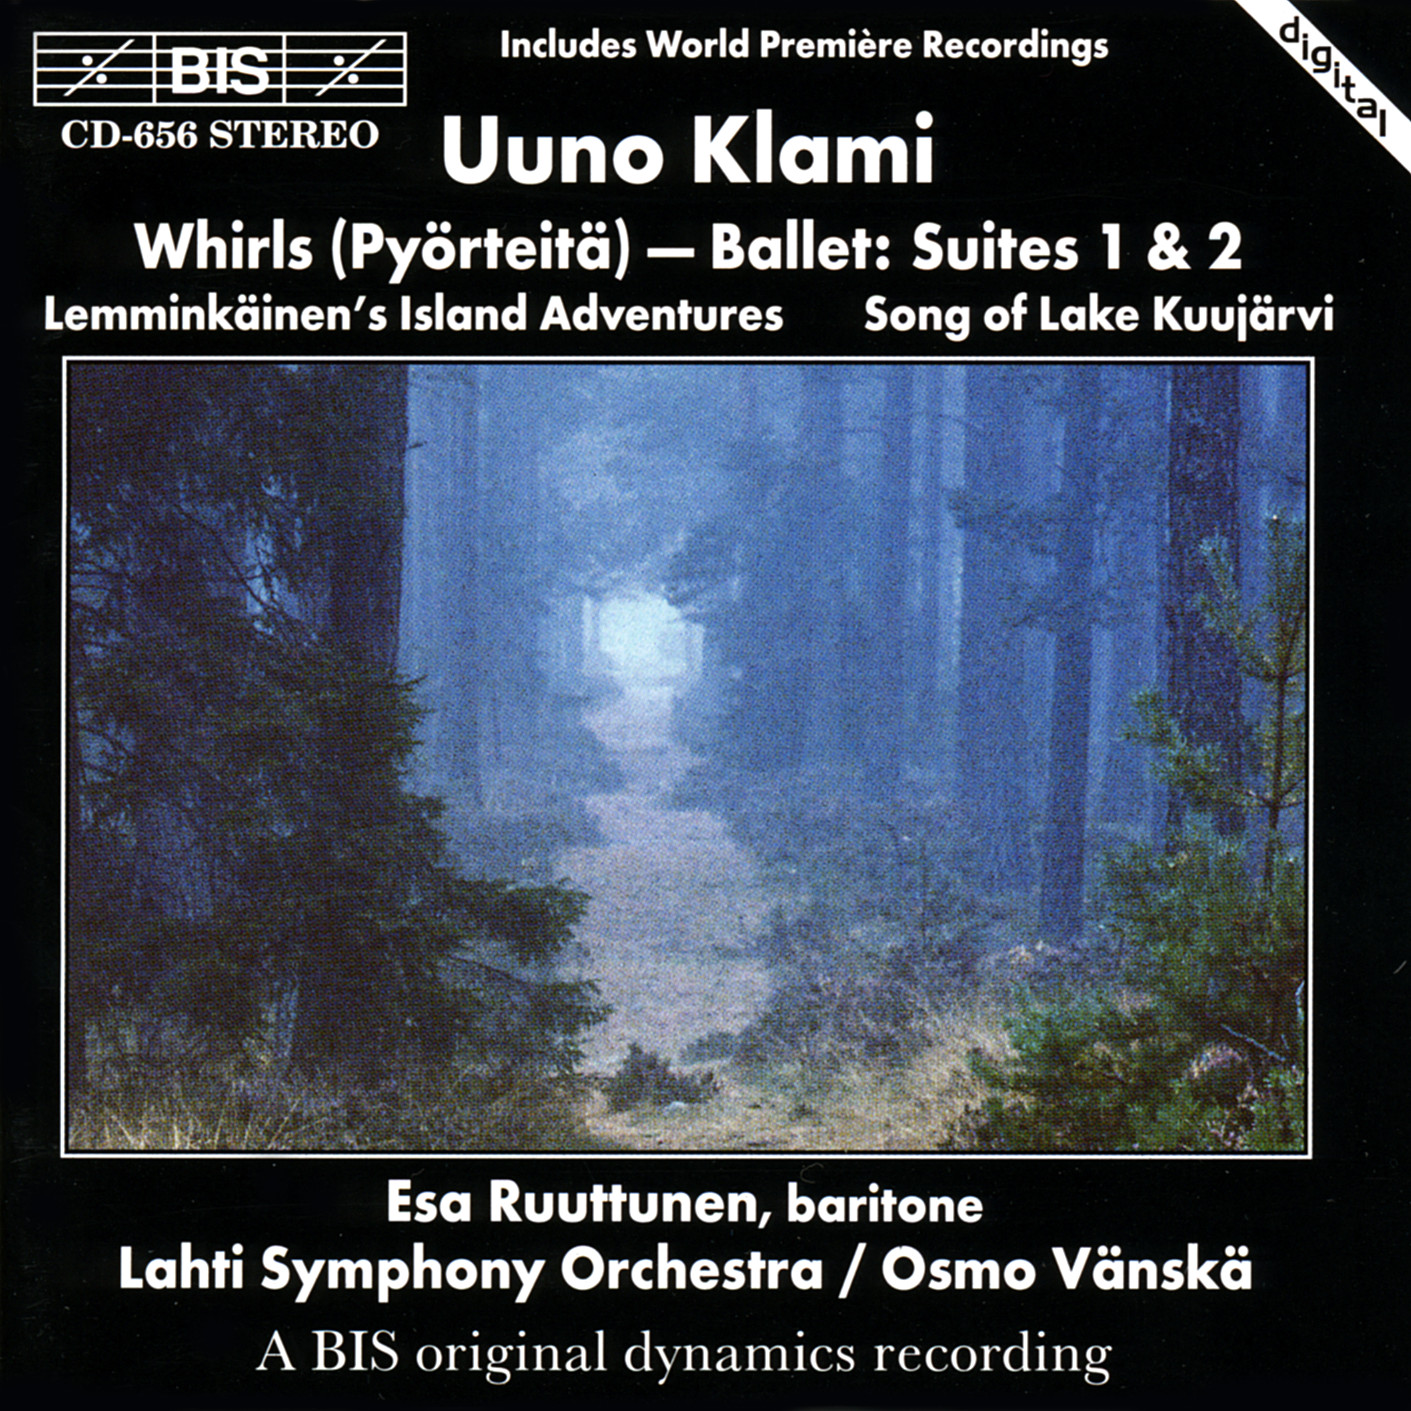 Uuno Klami – Whirls (pyörteitä)